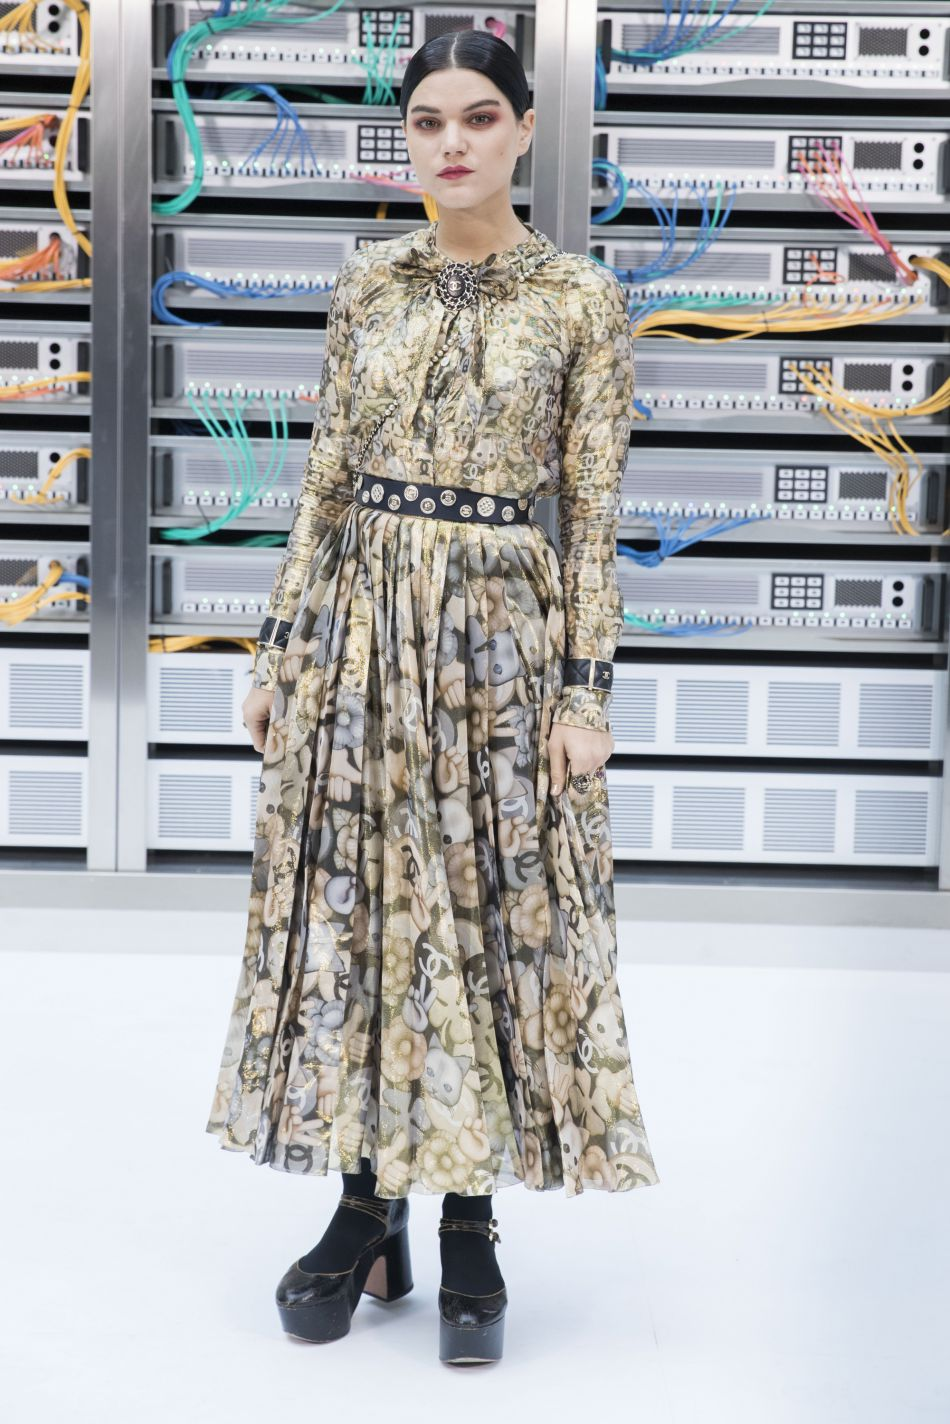 Chanel printemps-été 2017 : Soko dans une robe Chanel bardée de chatons et de fleurs.